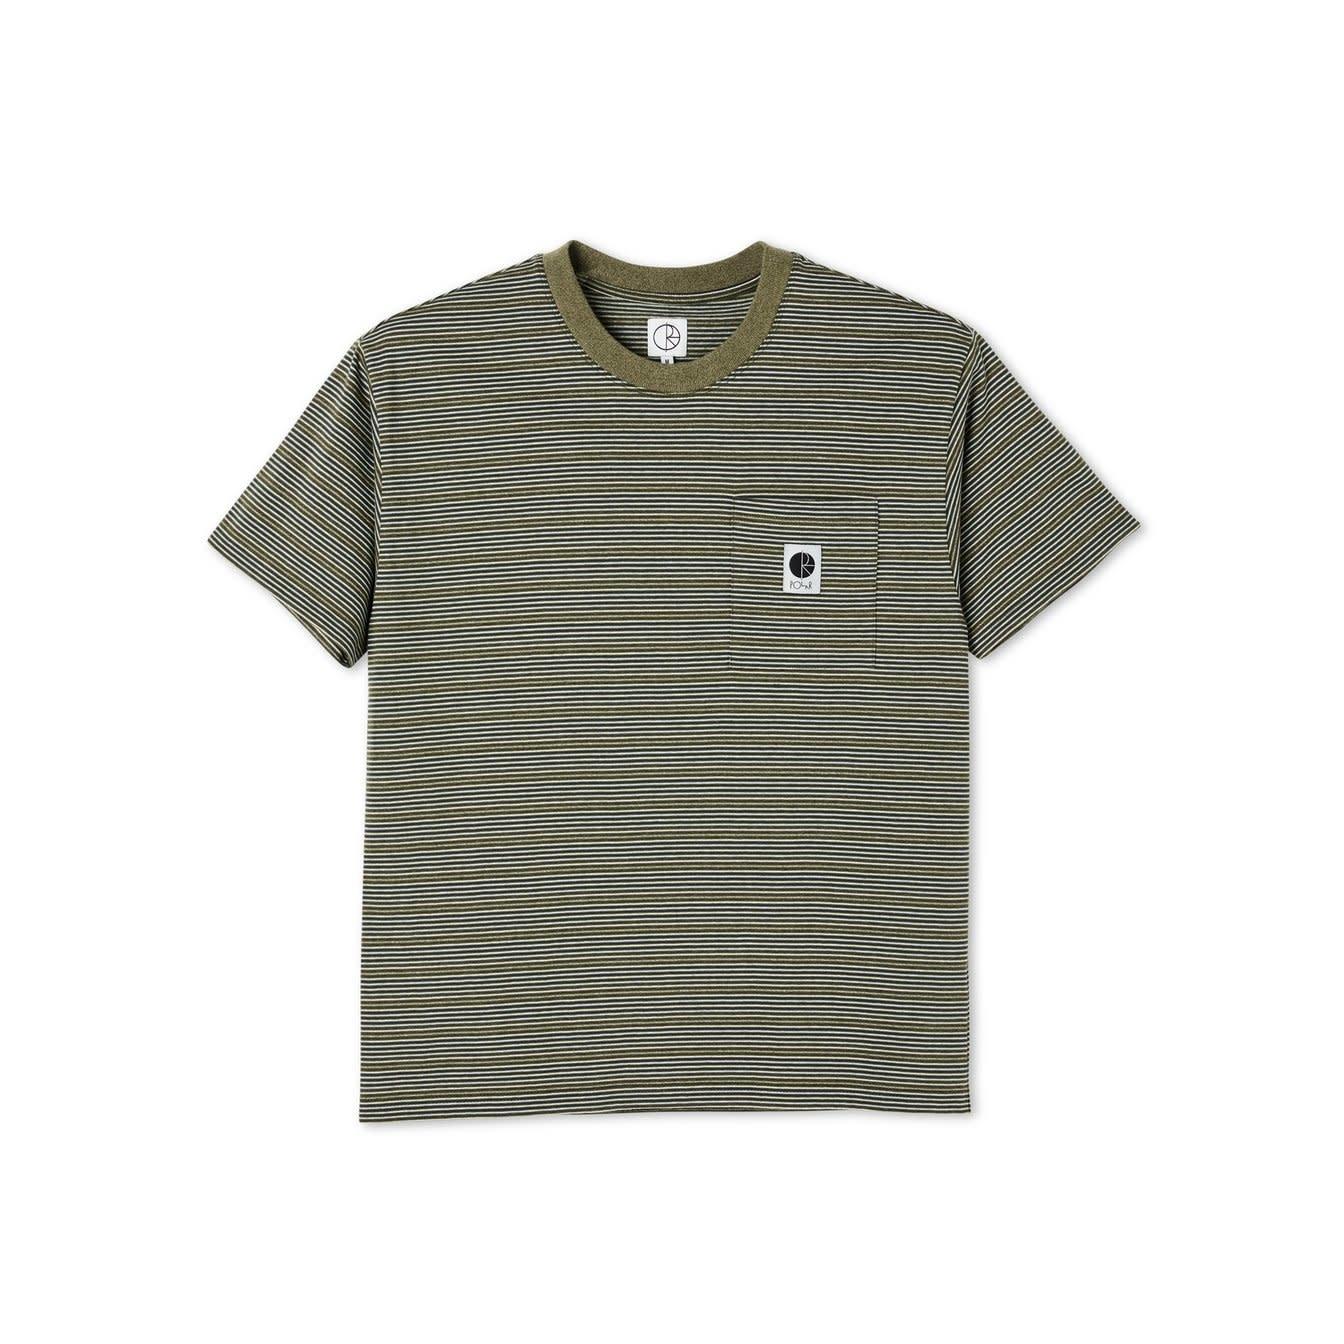 Polar Skate Co. Stripe Pocket Tee Army Green